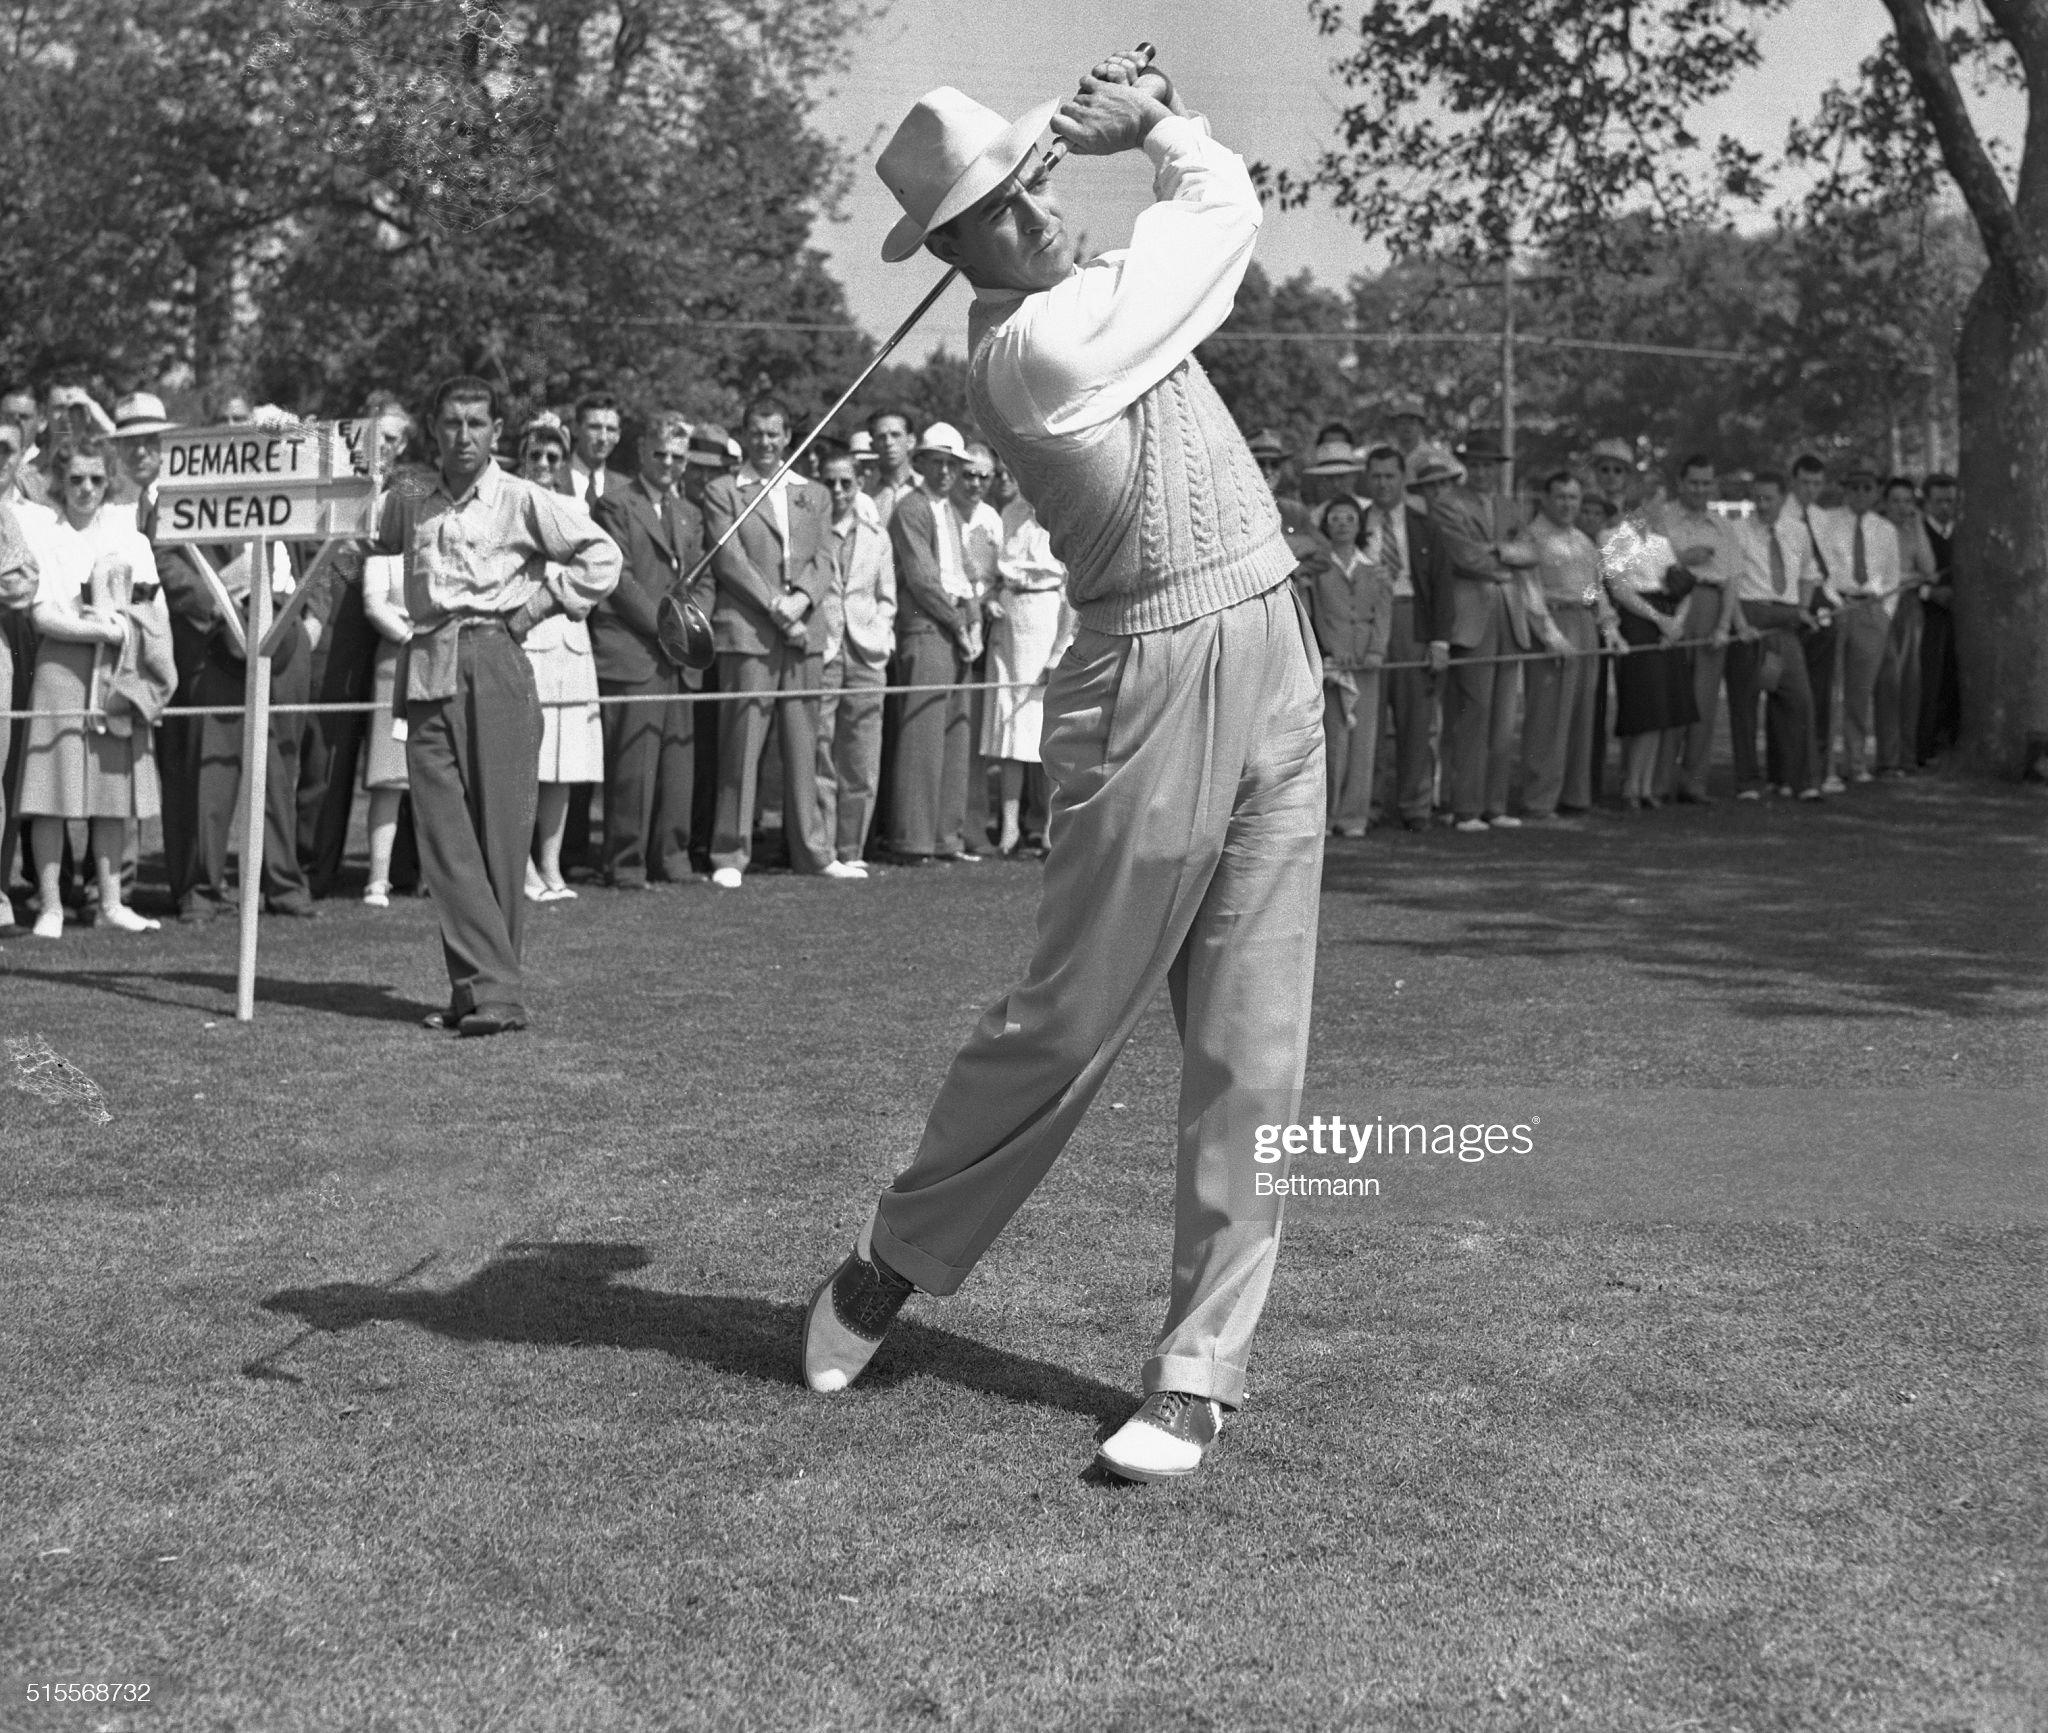 Sam Snead Swinging Golf Club pendant le championnat PGA: Photo d'actualité